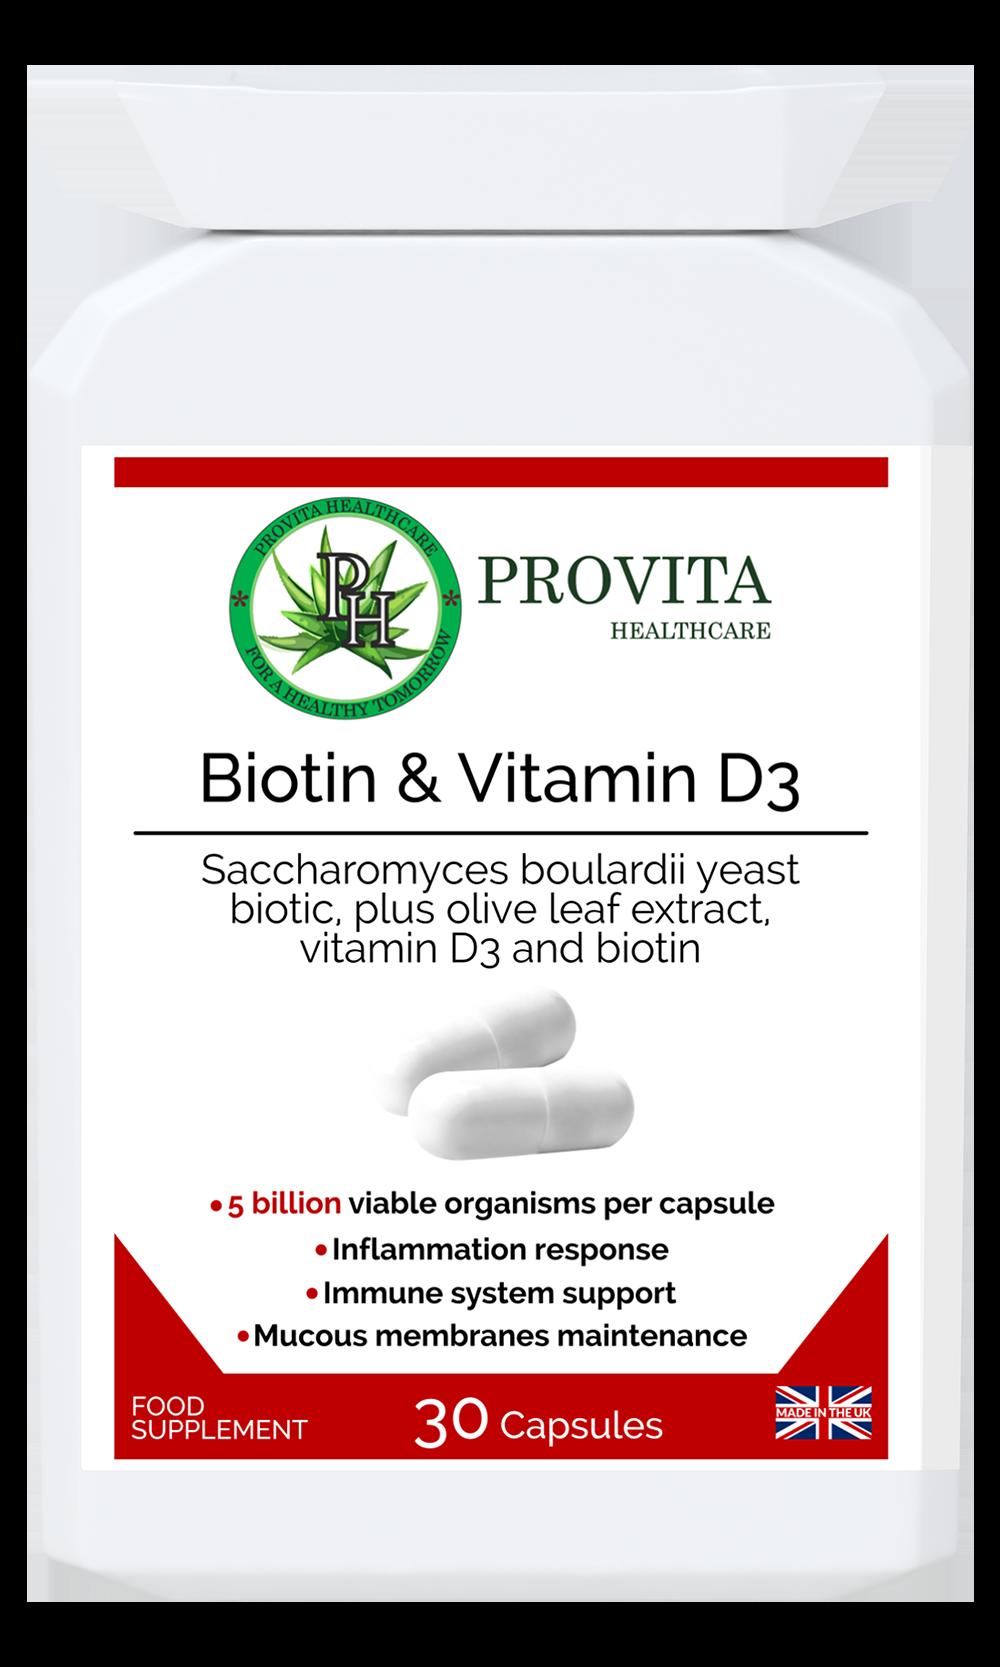 Biotin & Vitamin D3